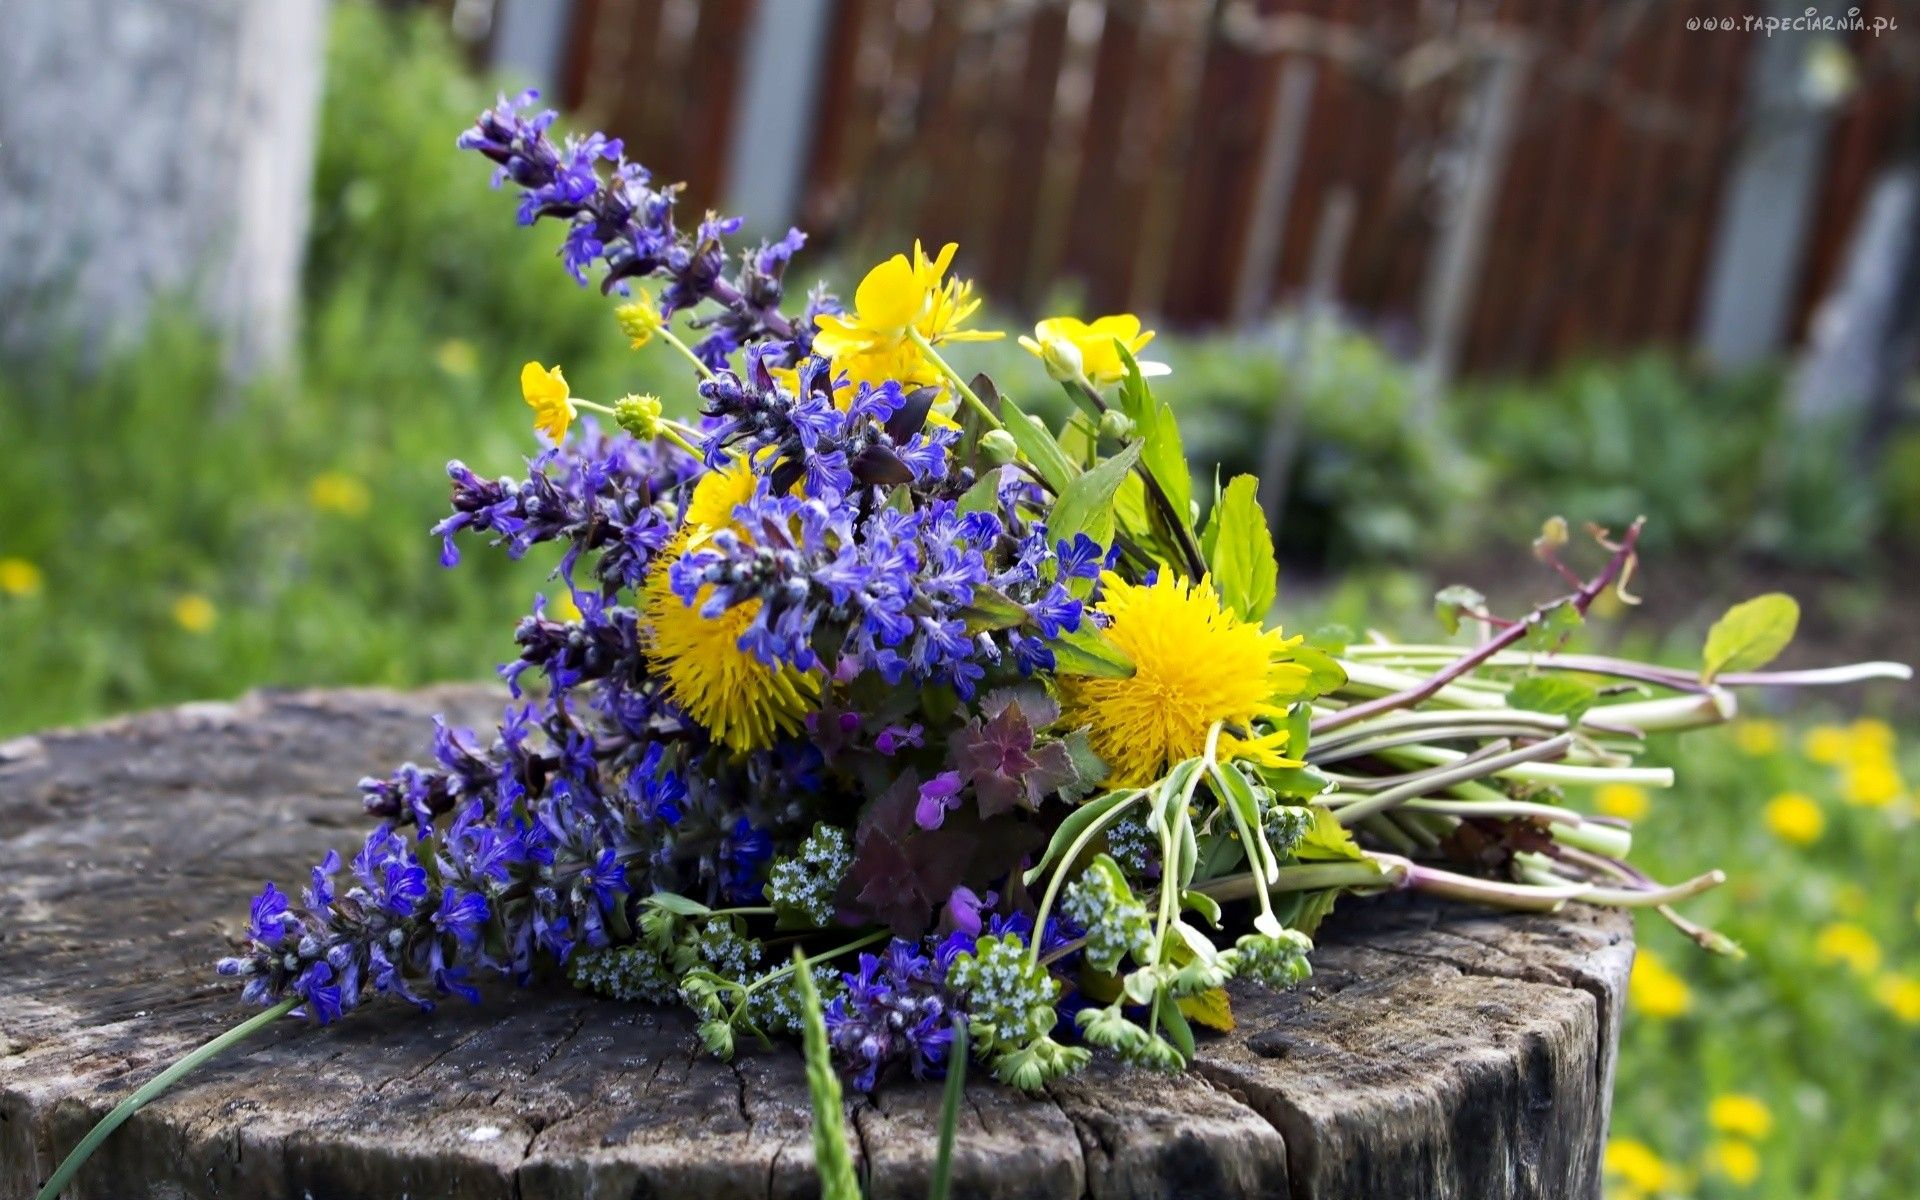 Edycja Tapety Bukiet Polne Kwiaty Mniszek Pien Wildflower Bouquet Wild Flowers Wedding Flowers